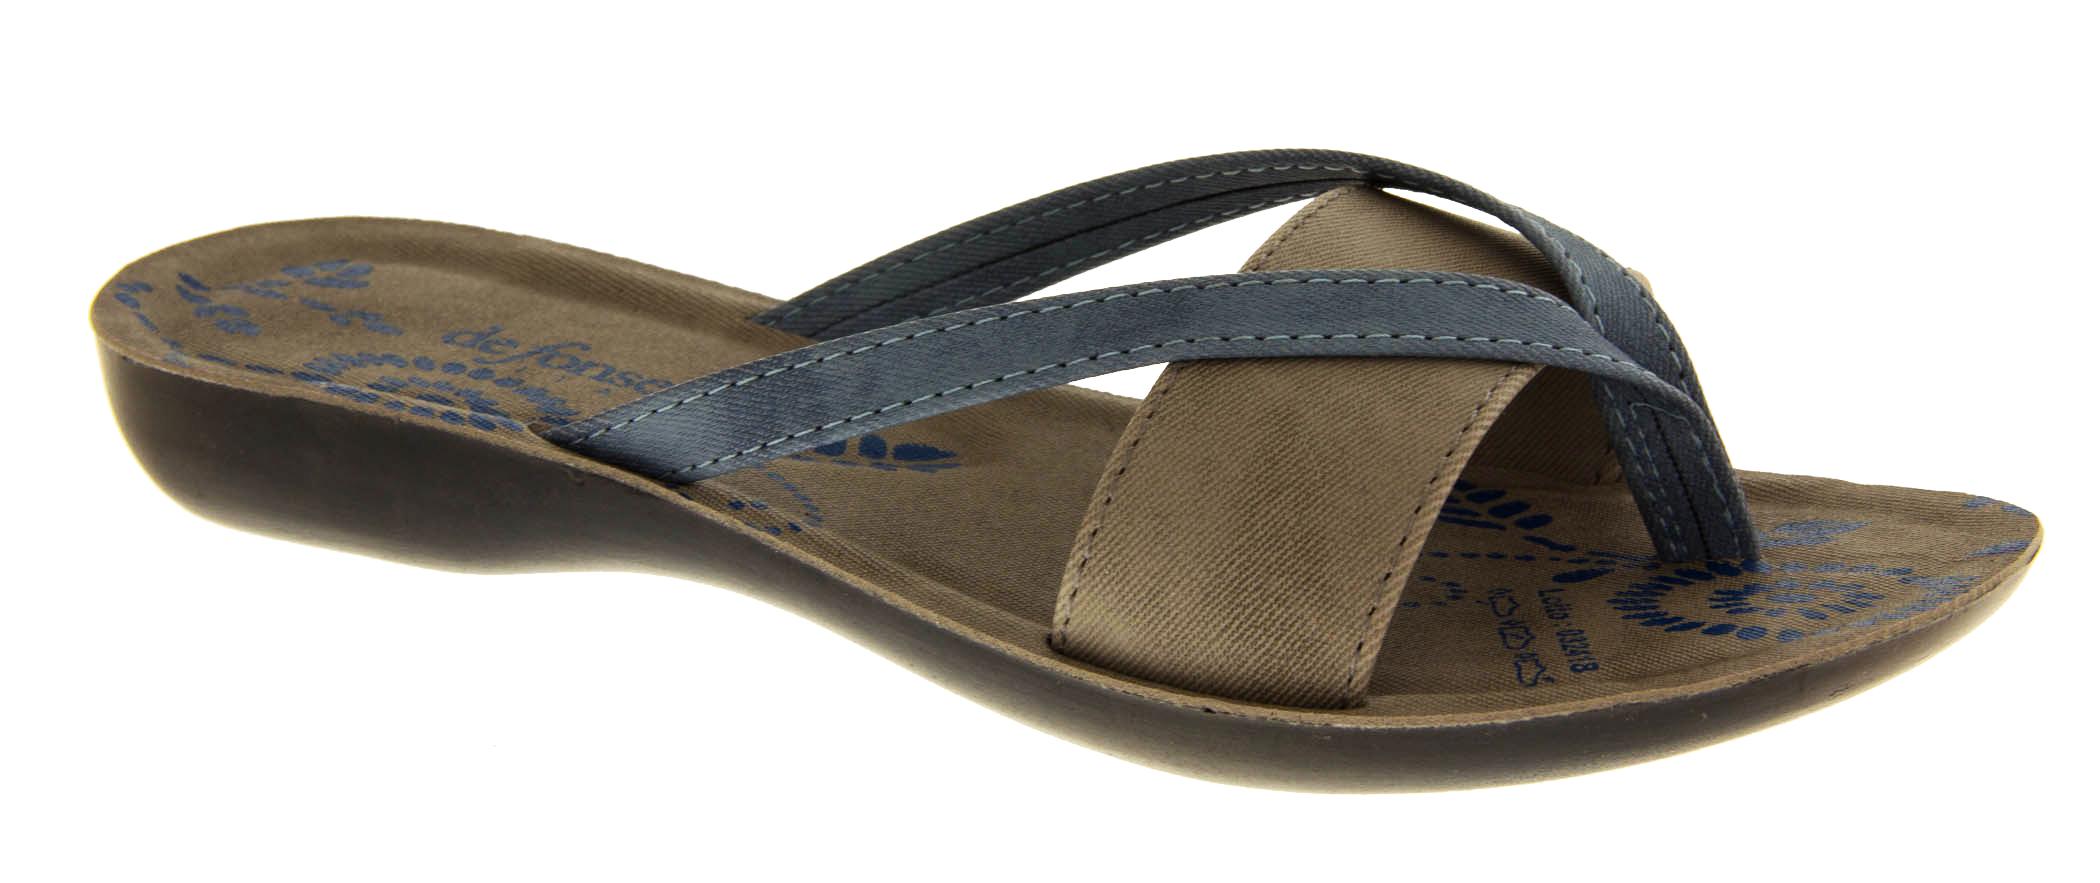 ladies toe post wedge flip flops womens summer mule. Black Bedroom Furniture Sets. Home Design Ideas